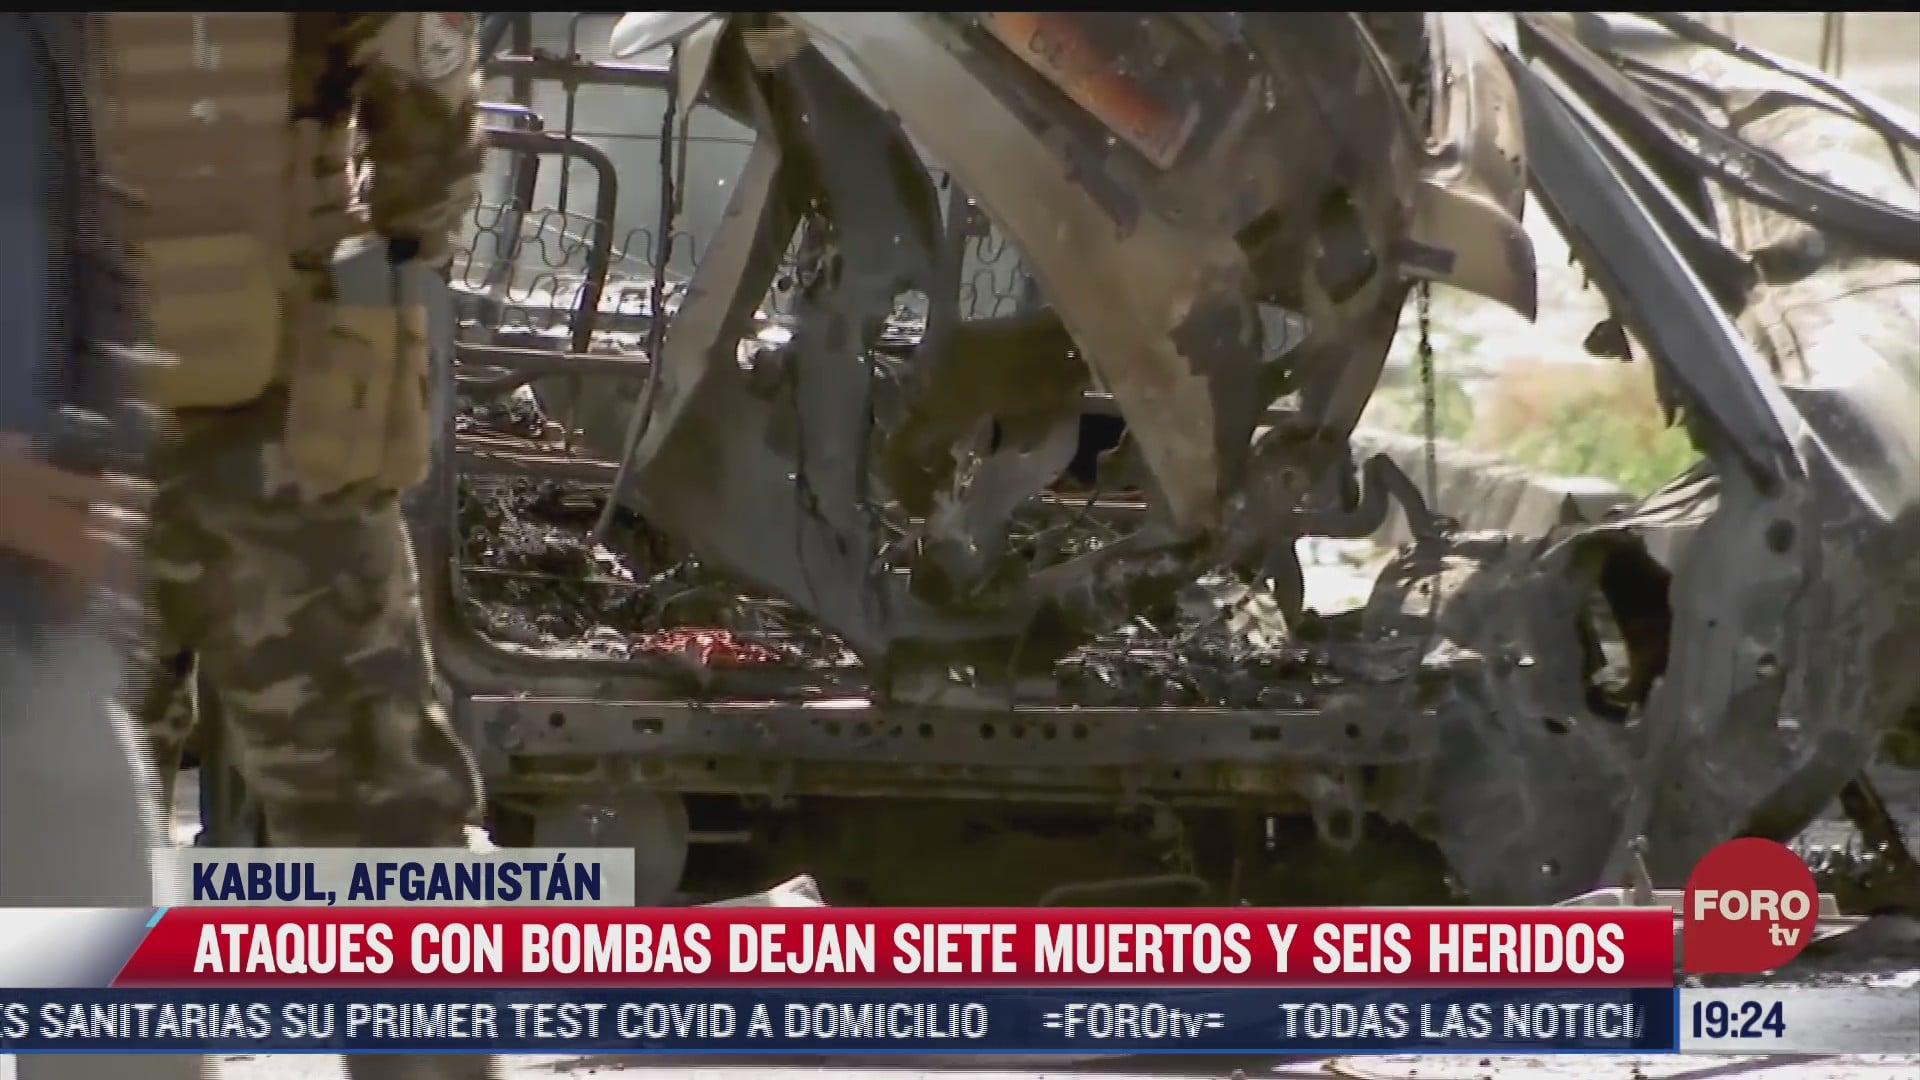 al menos 7 muertos deja atentados con coches bomba en kabul